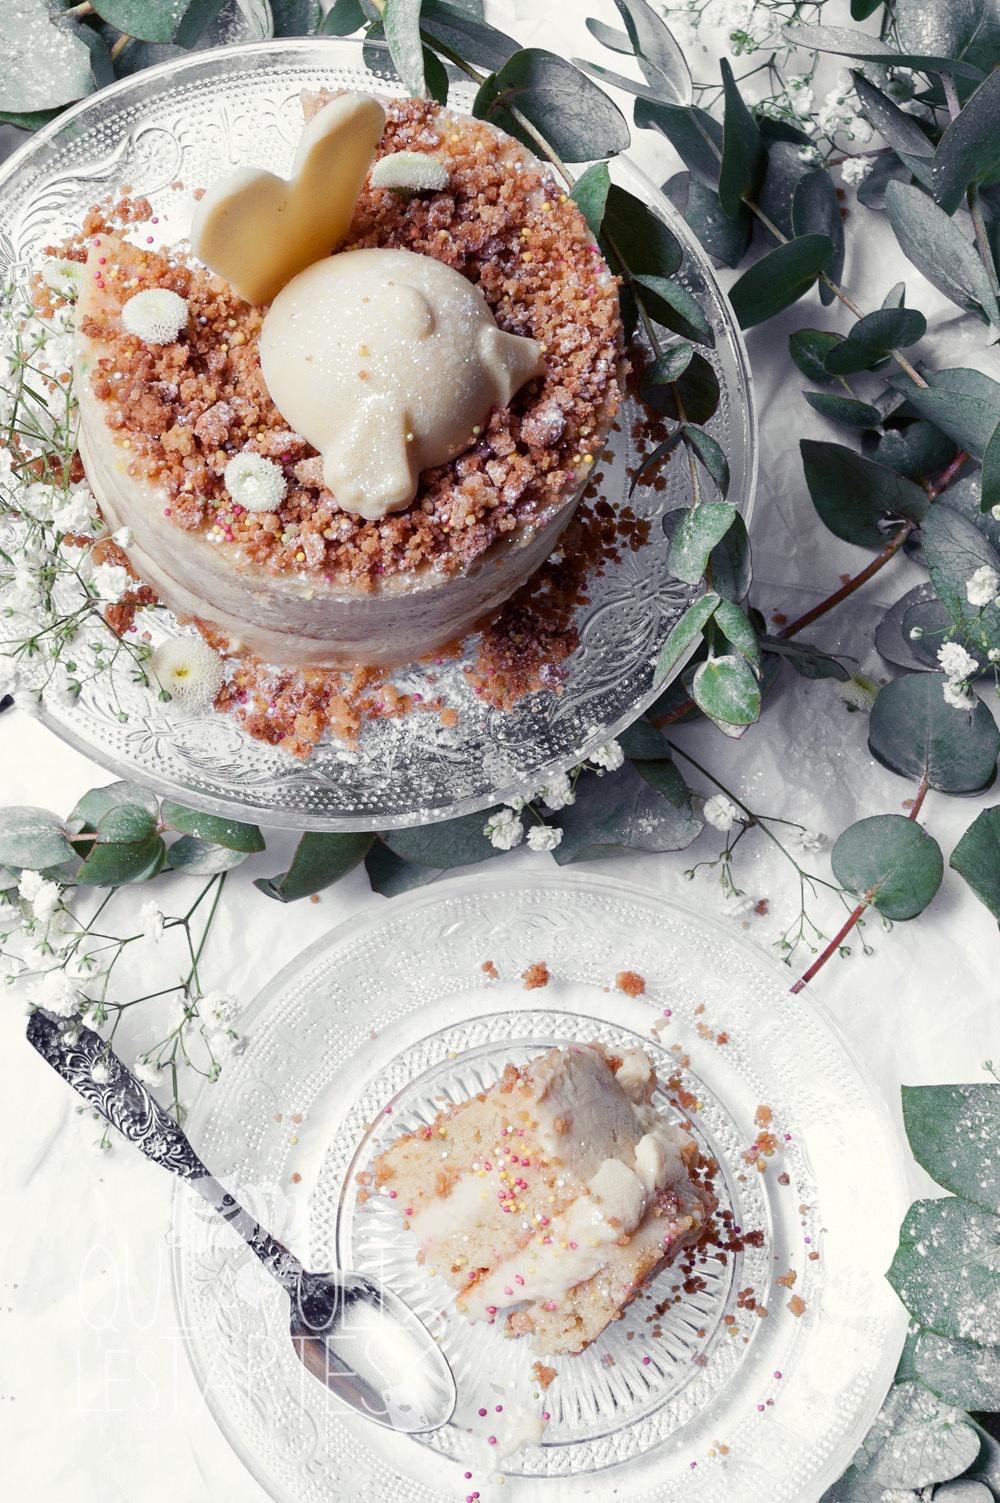 Le lapin blanc 3 - entremet vanille chocolat blanc - Studio 2 création - Qui a volé les tartes